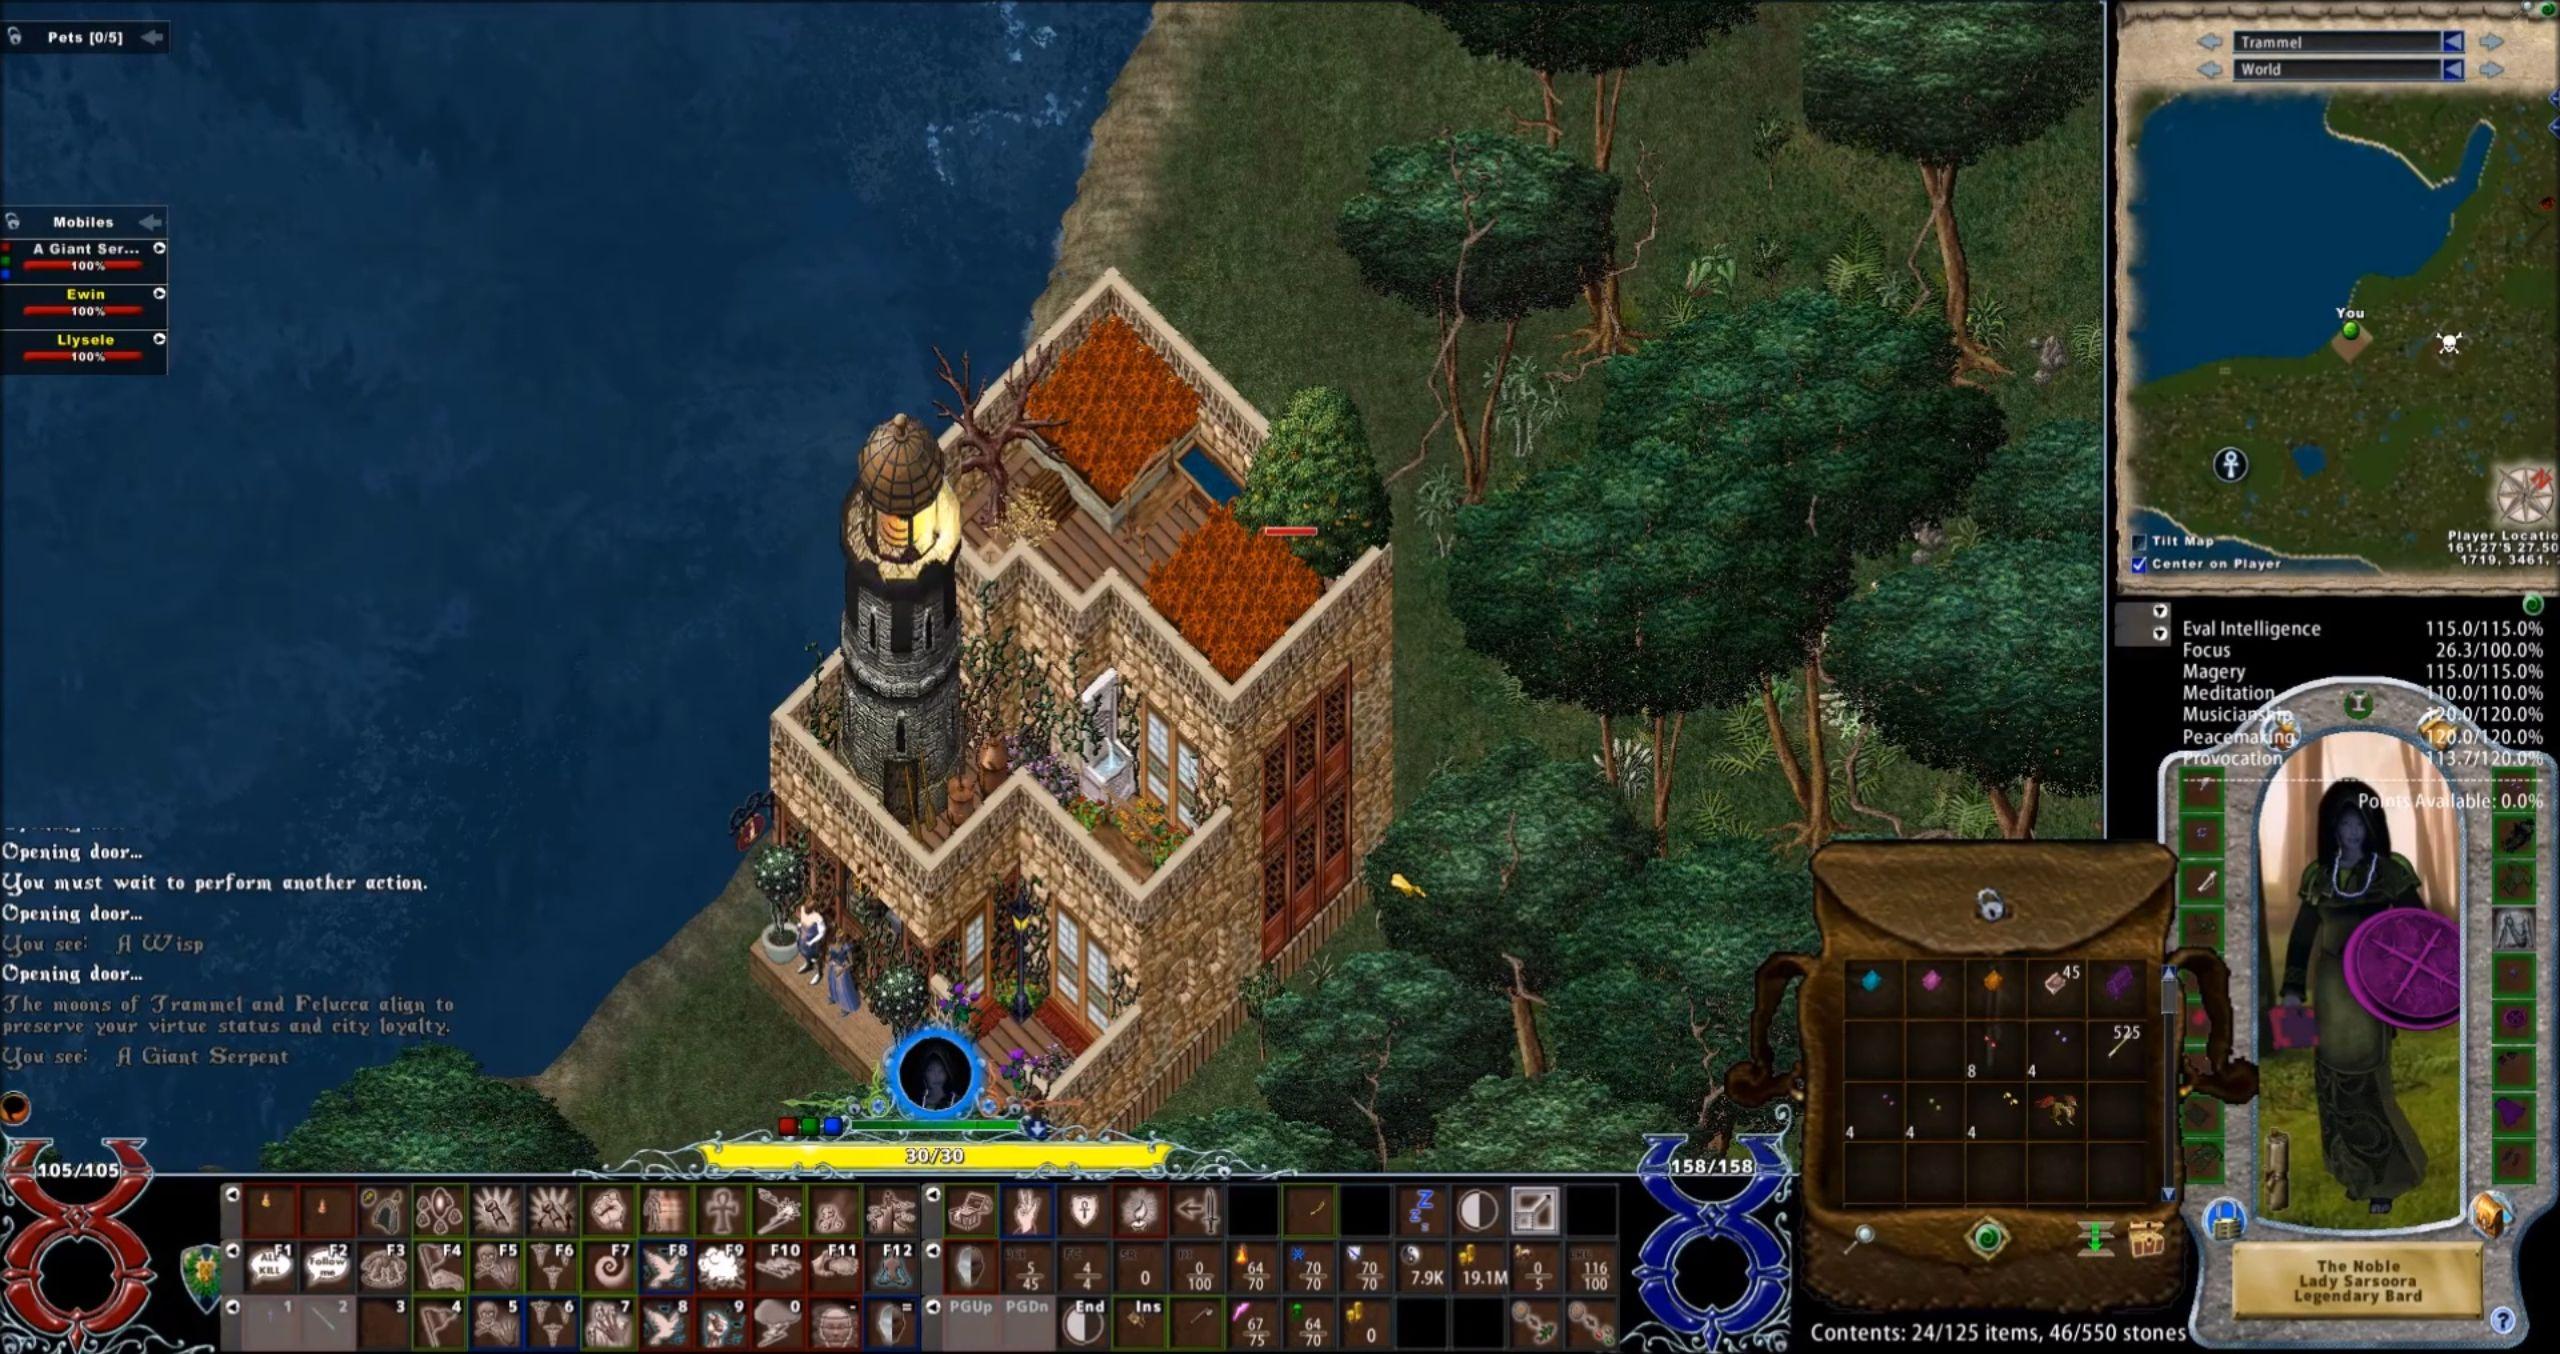 La plupart des joueurs chevronnés d'Ultima Online remplacent l'interface de base par une autre plus humaine, ici Pinco's UI.